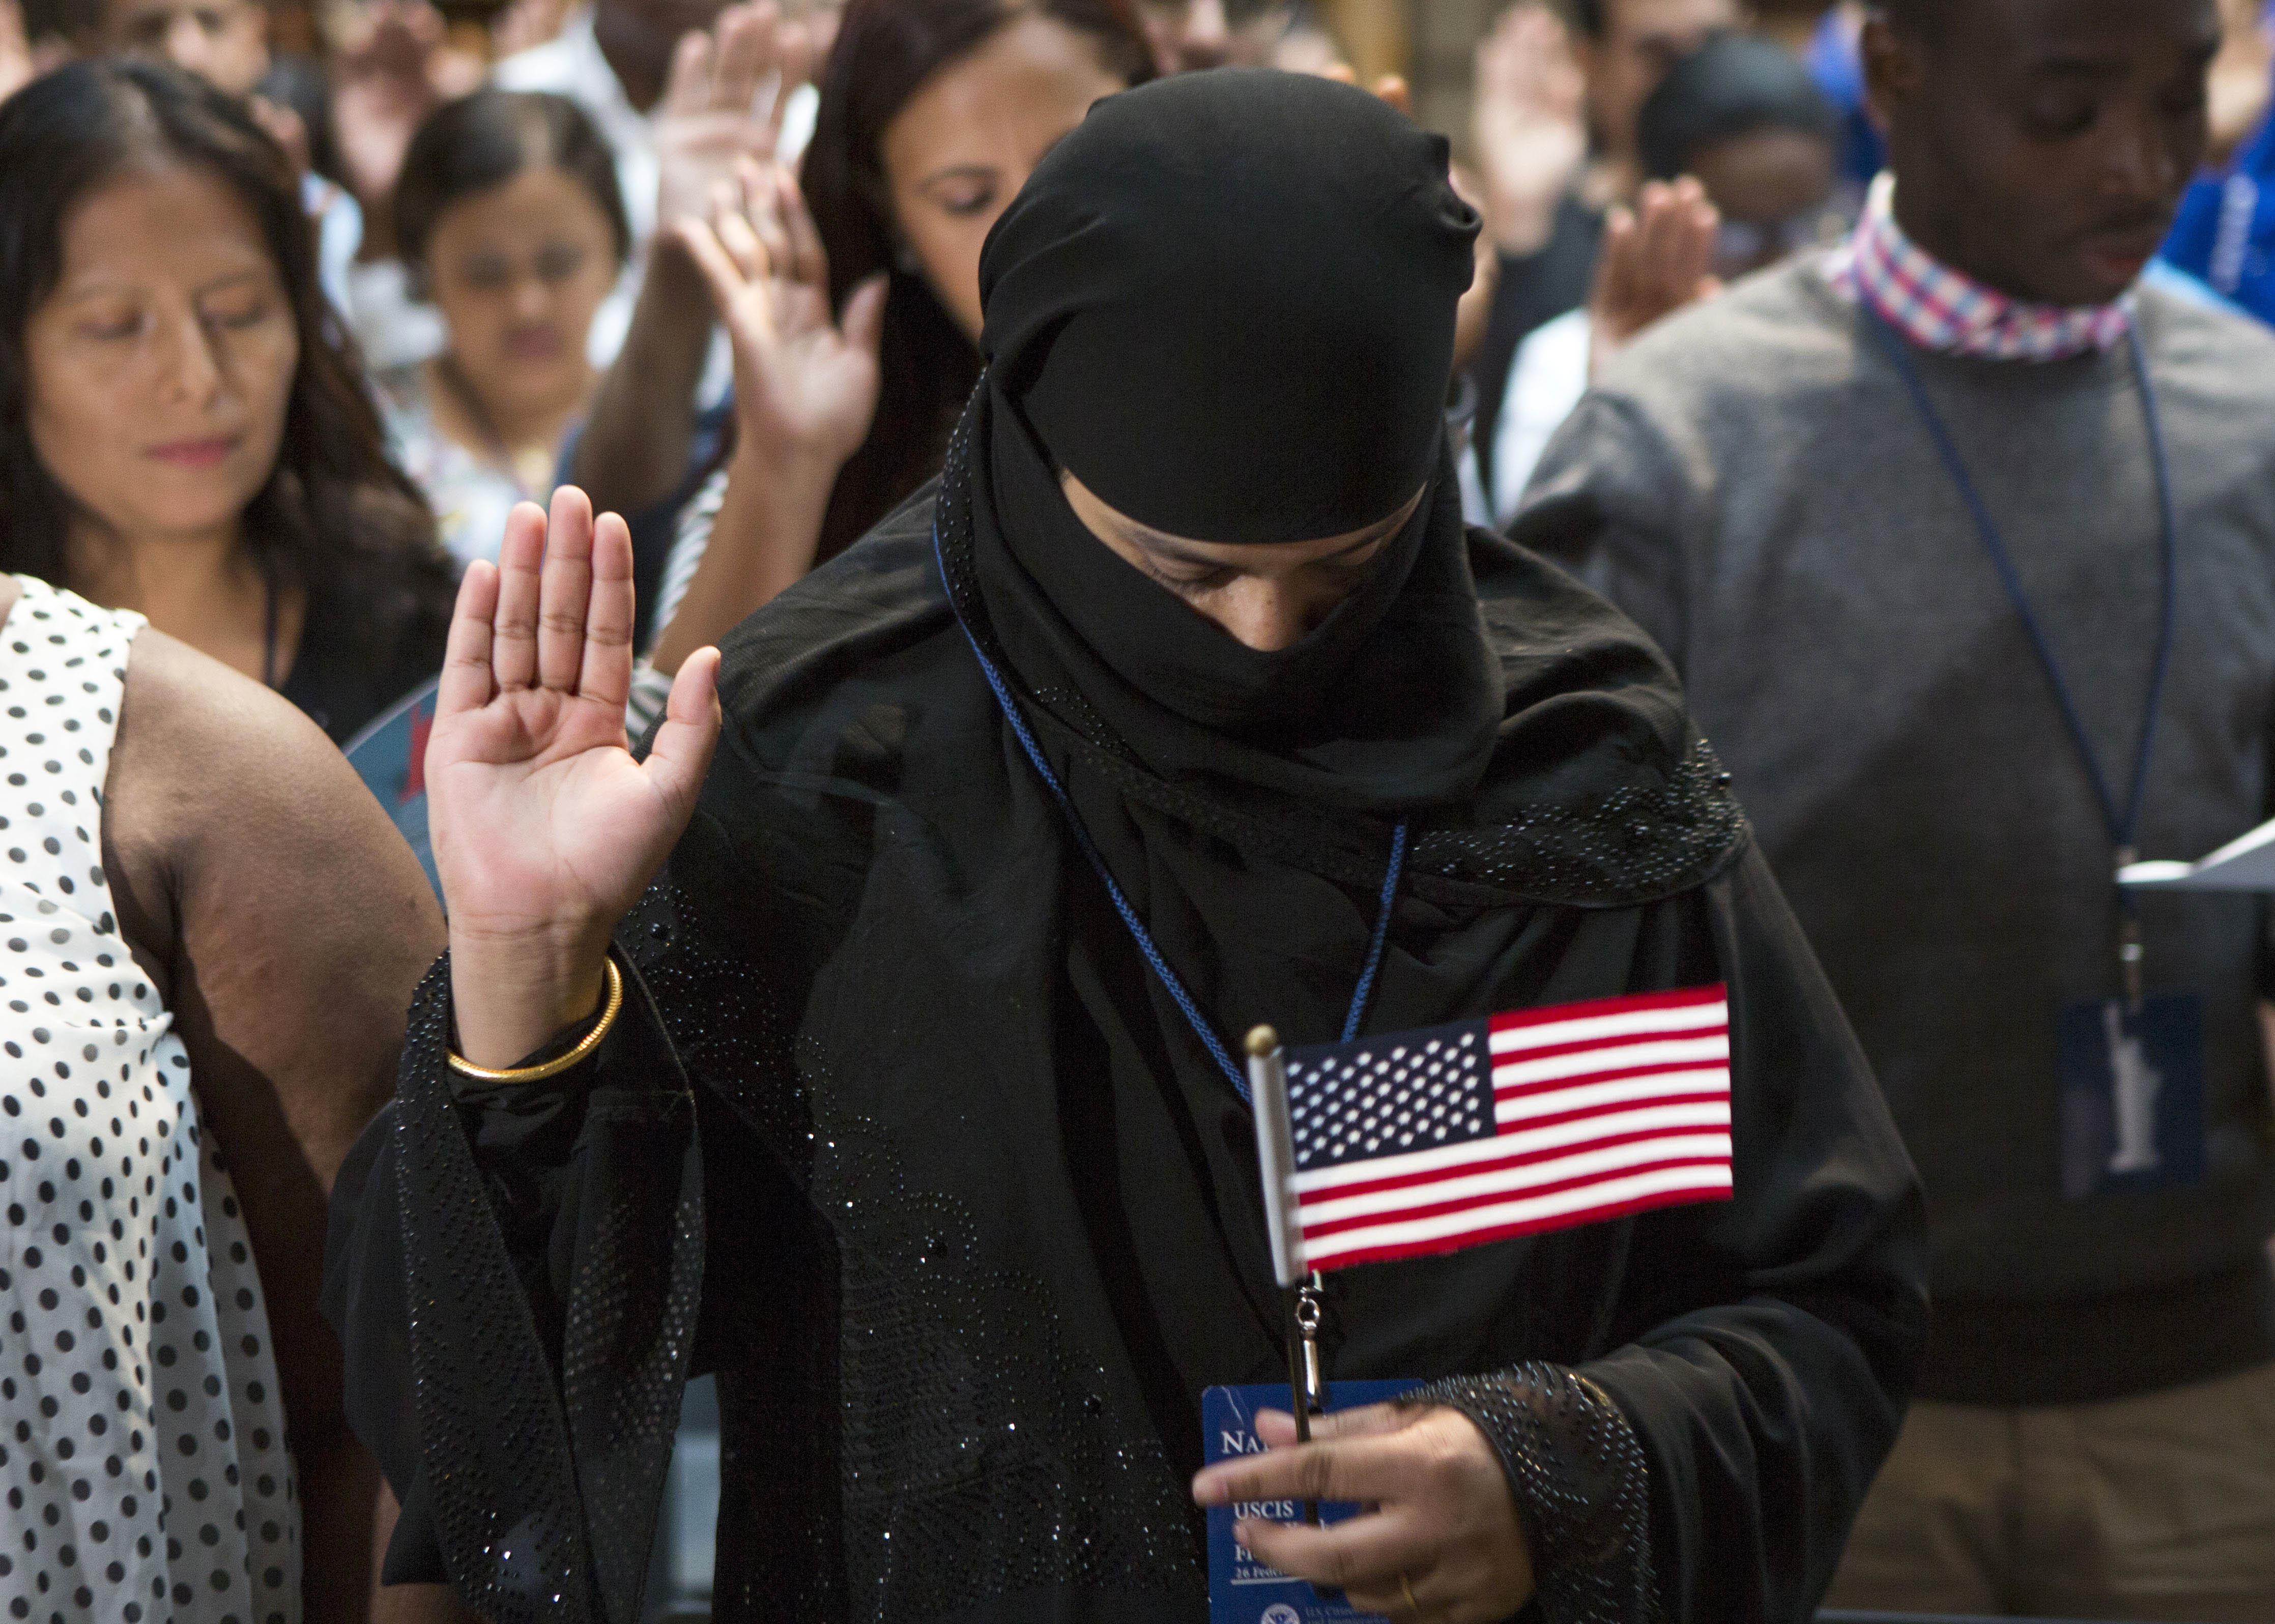 مواطنة أميركية جديدة خلال مراسم استضافتها مكتبة نيويورك العامة